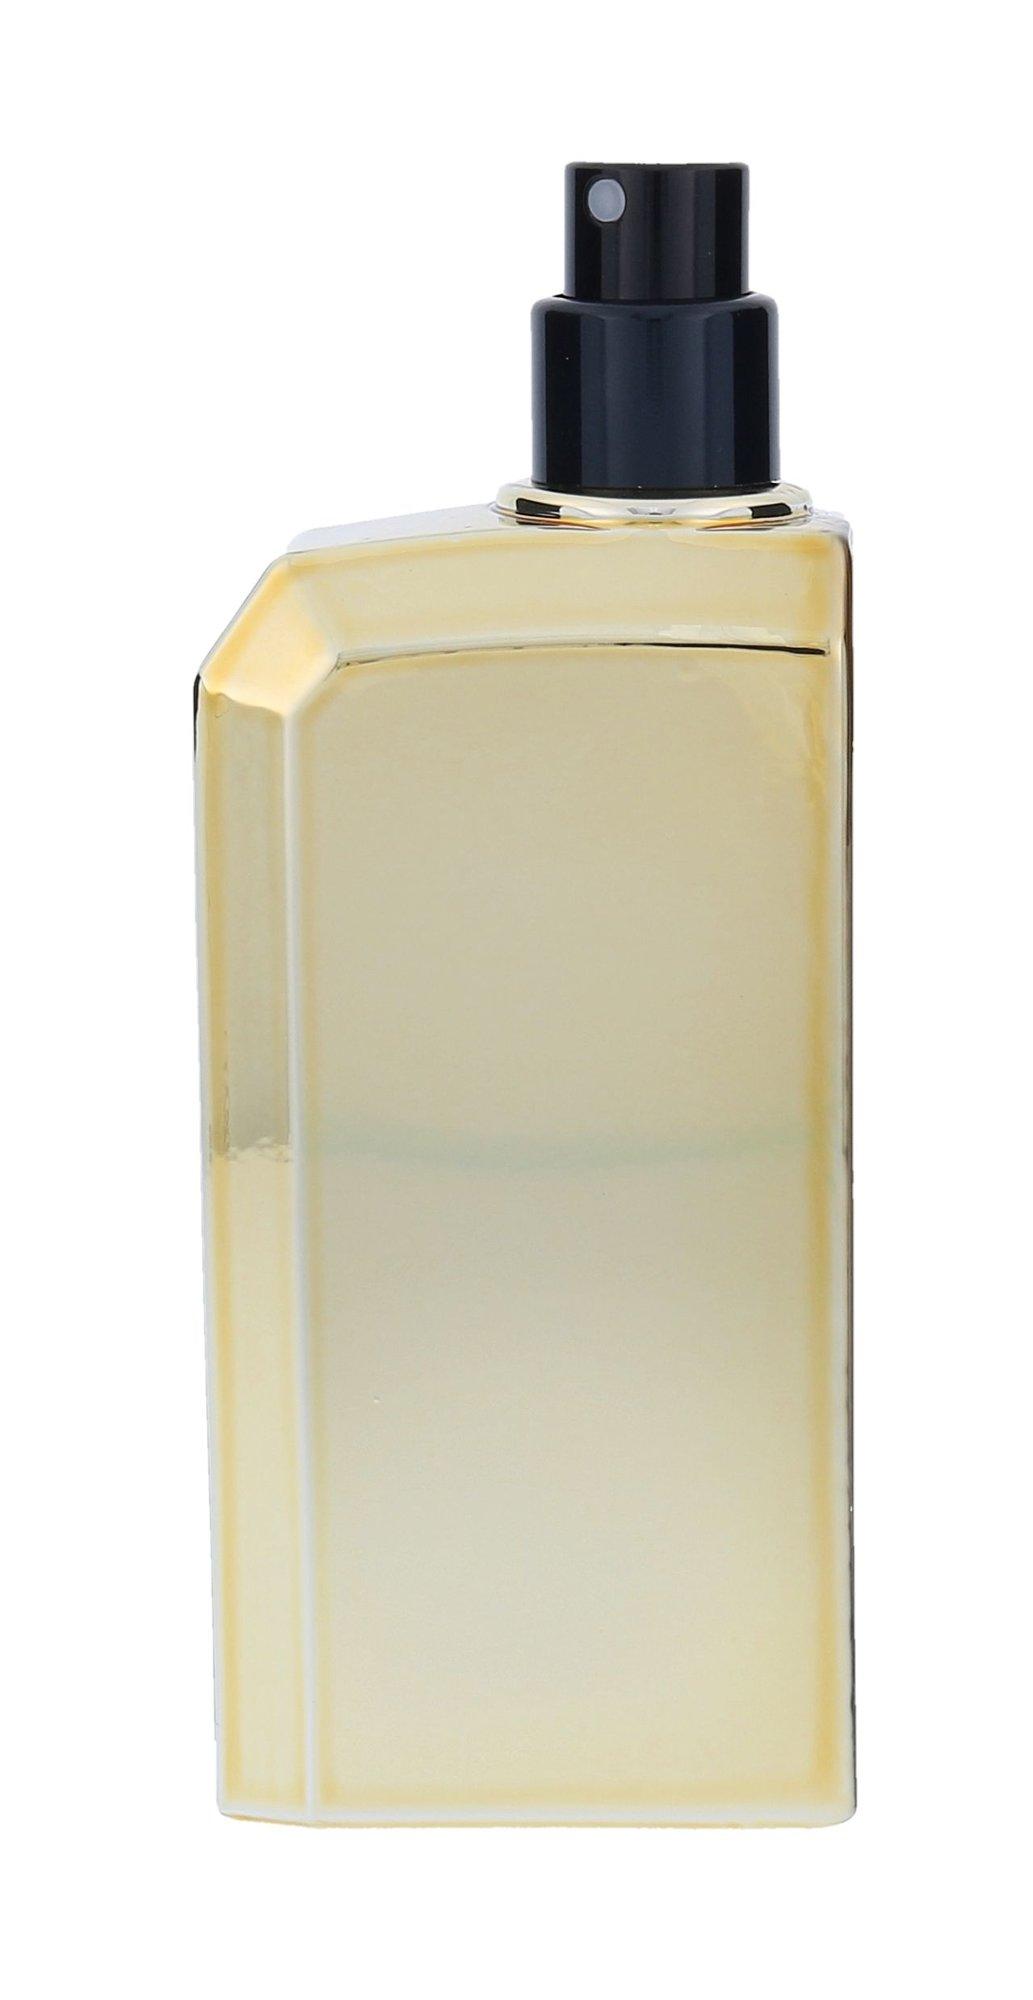 Histoires de Parfums Edition Rare Veni EDP 60ml